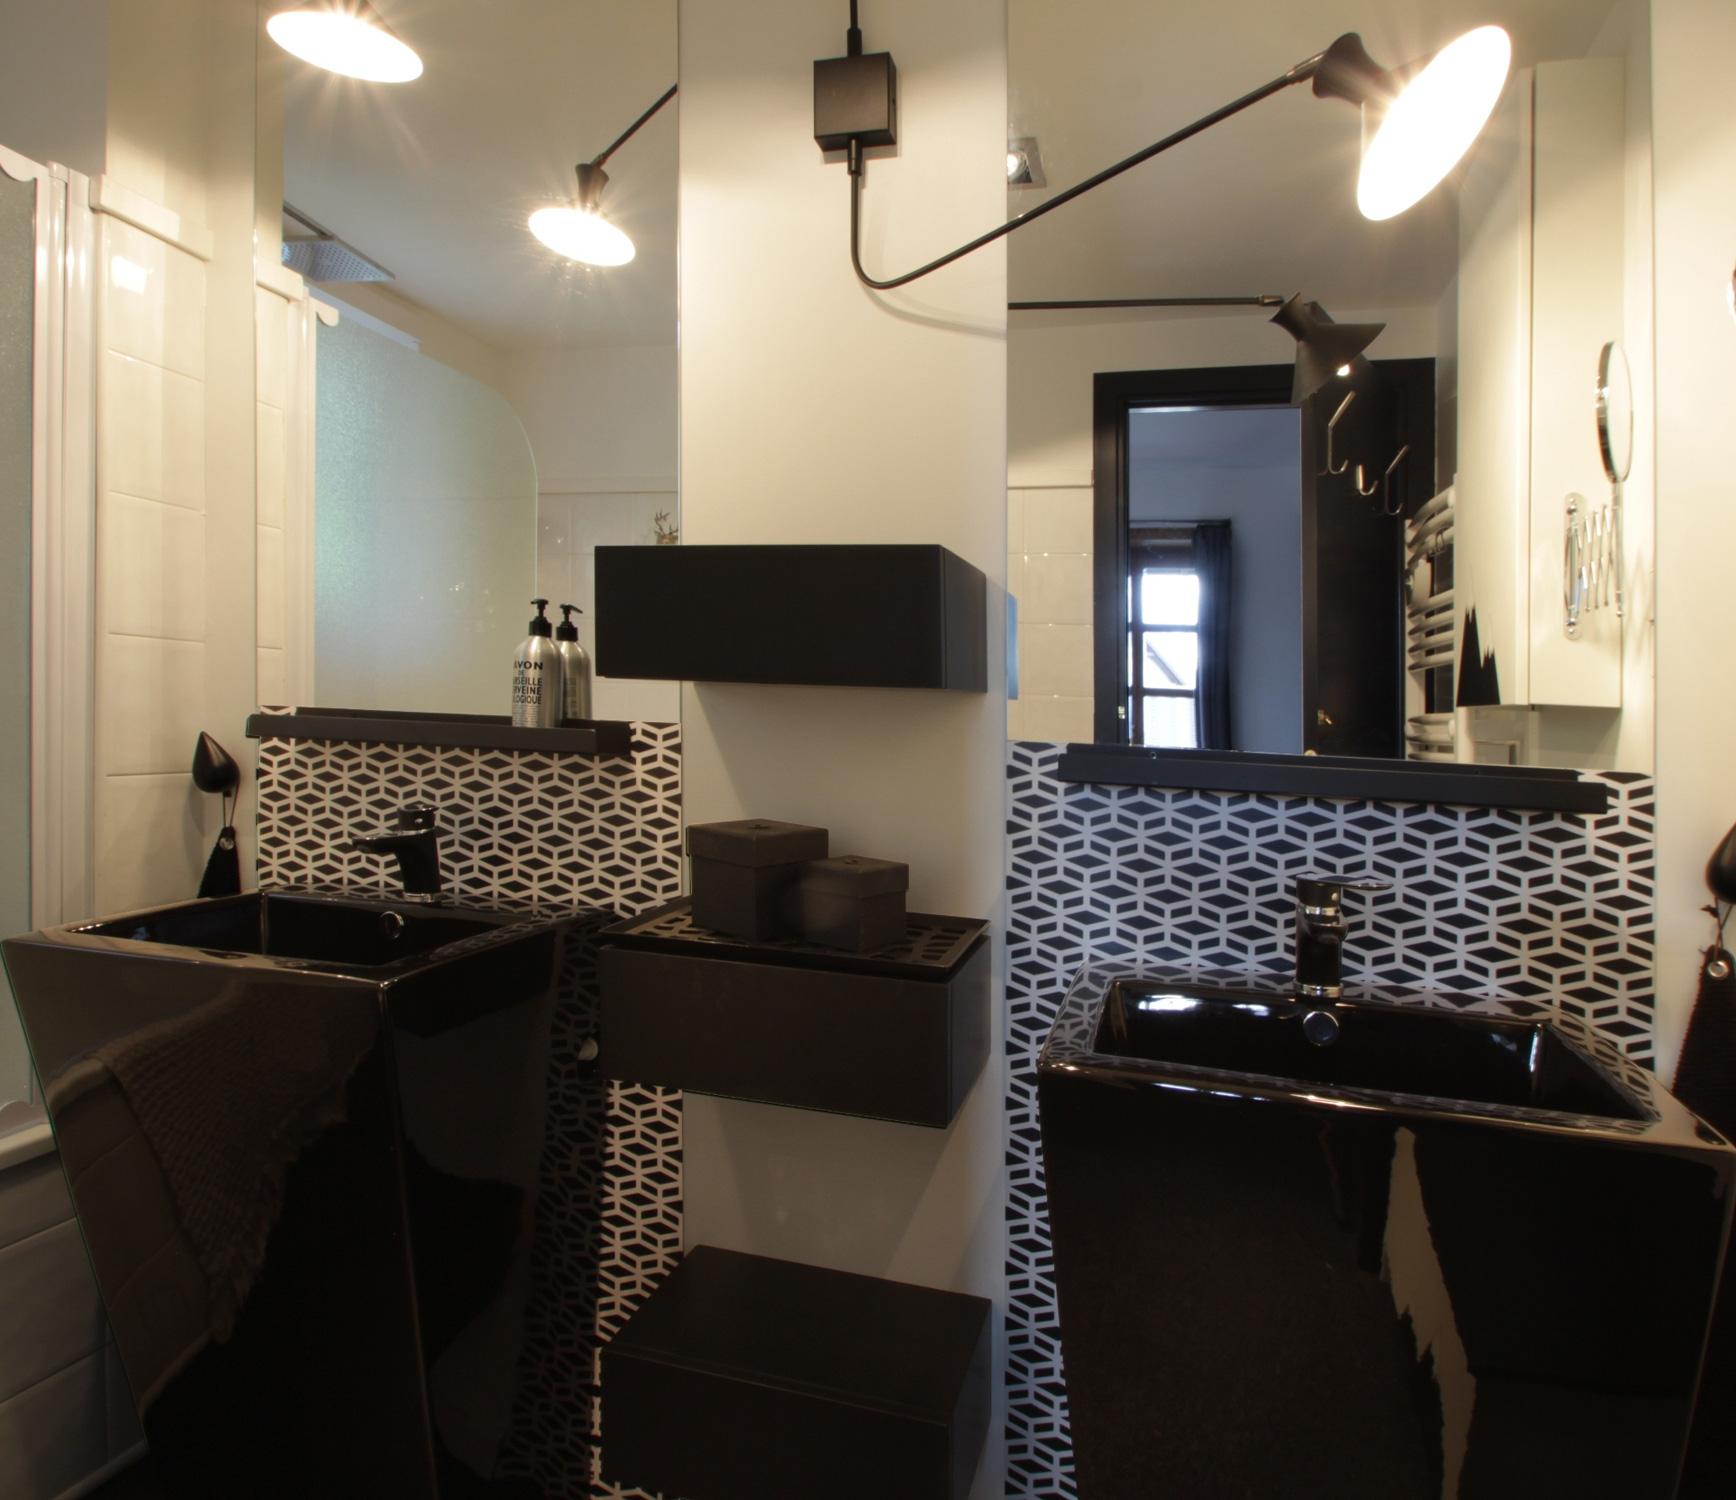 Sur mesure cr dence salle de bain malo design for Synonyme de salle de bain